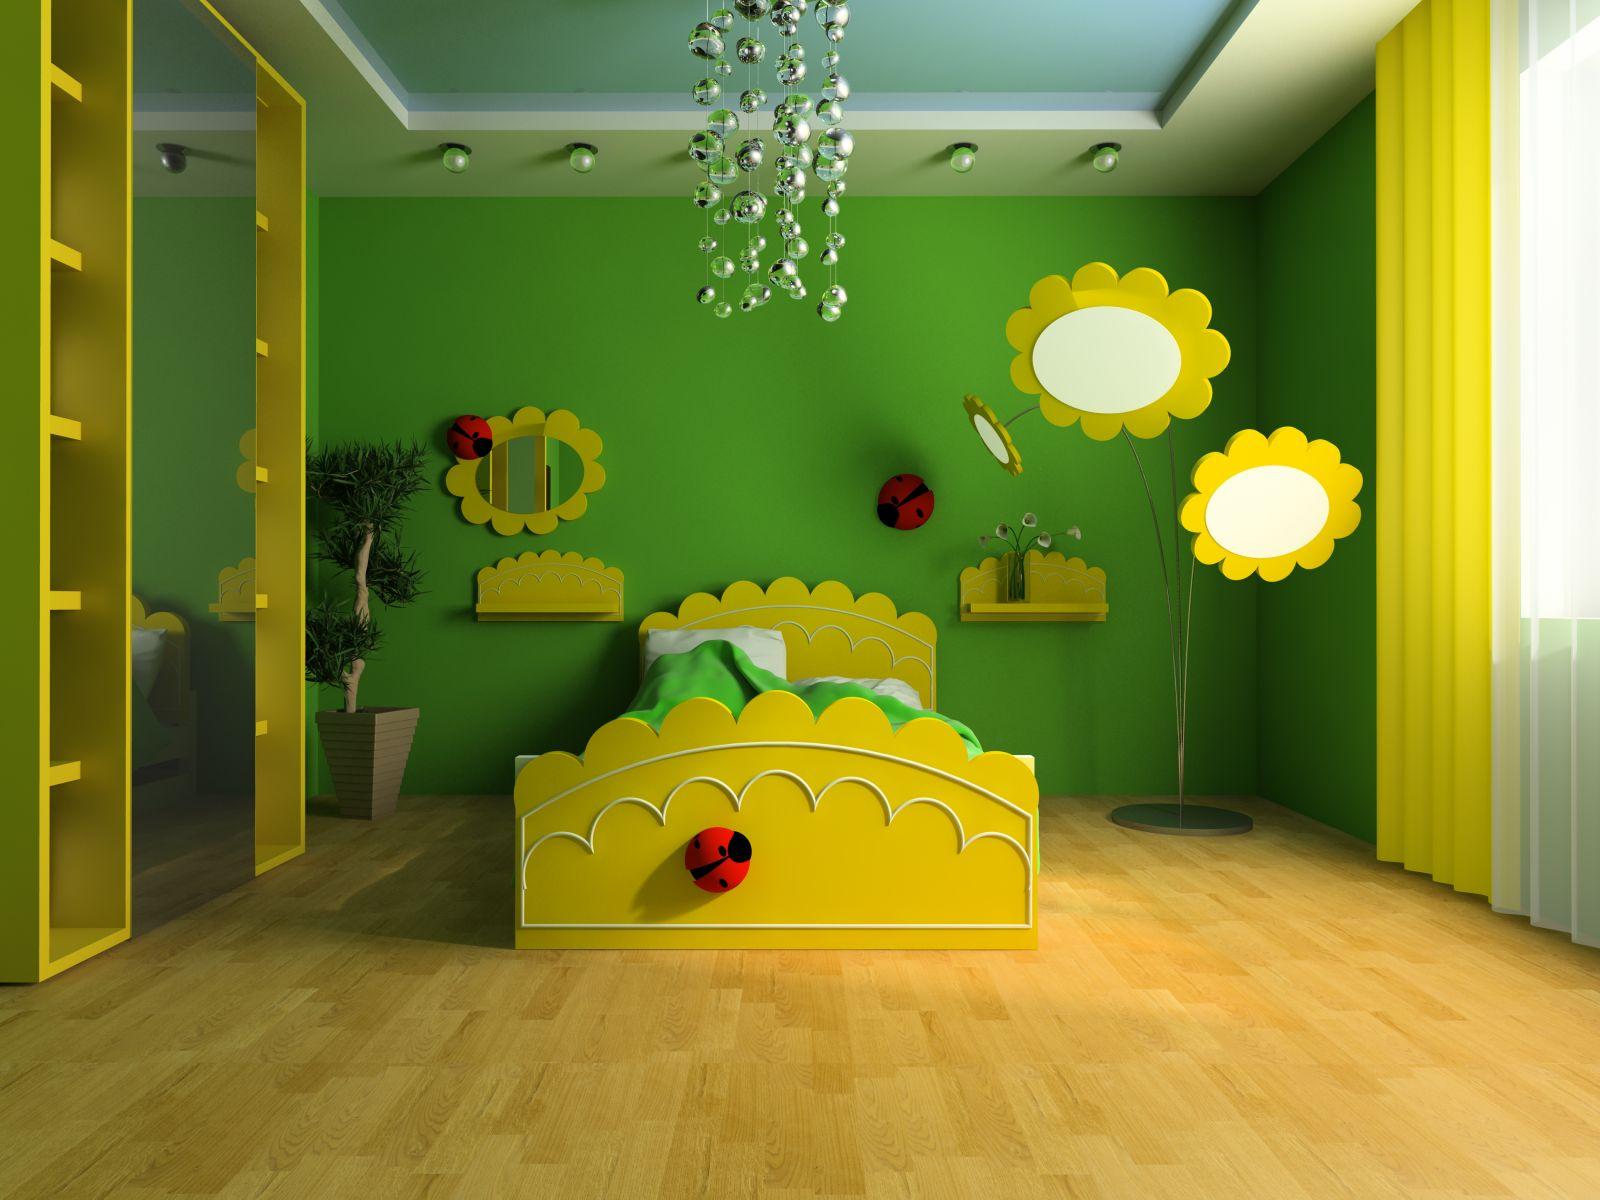 بالصور دهانات غرف اطفال , شاهد اجمل الدهانات المميزة لغرف الاطفال 1906 9